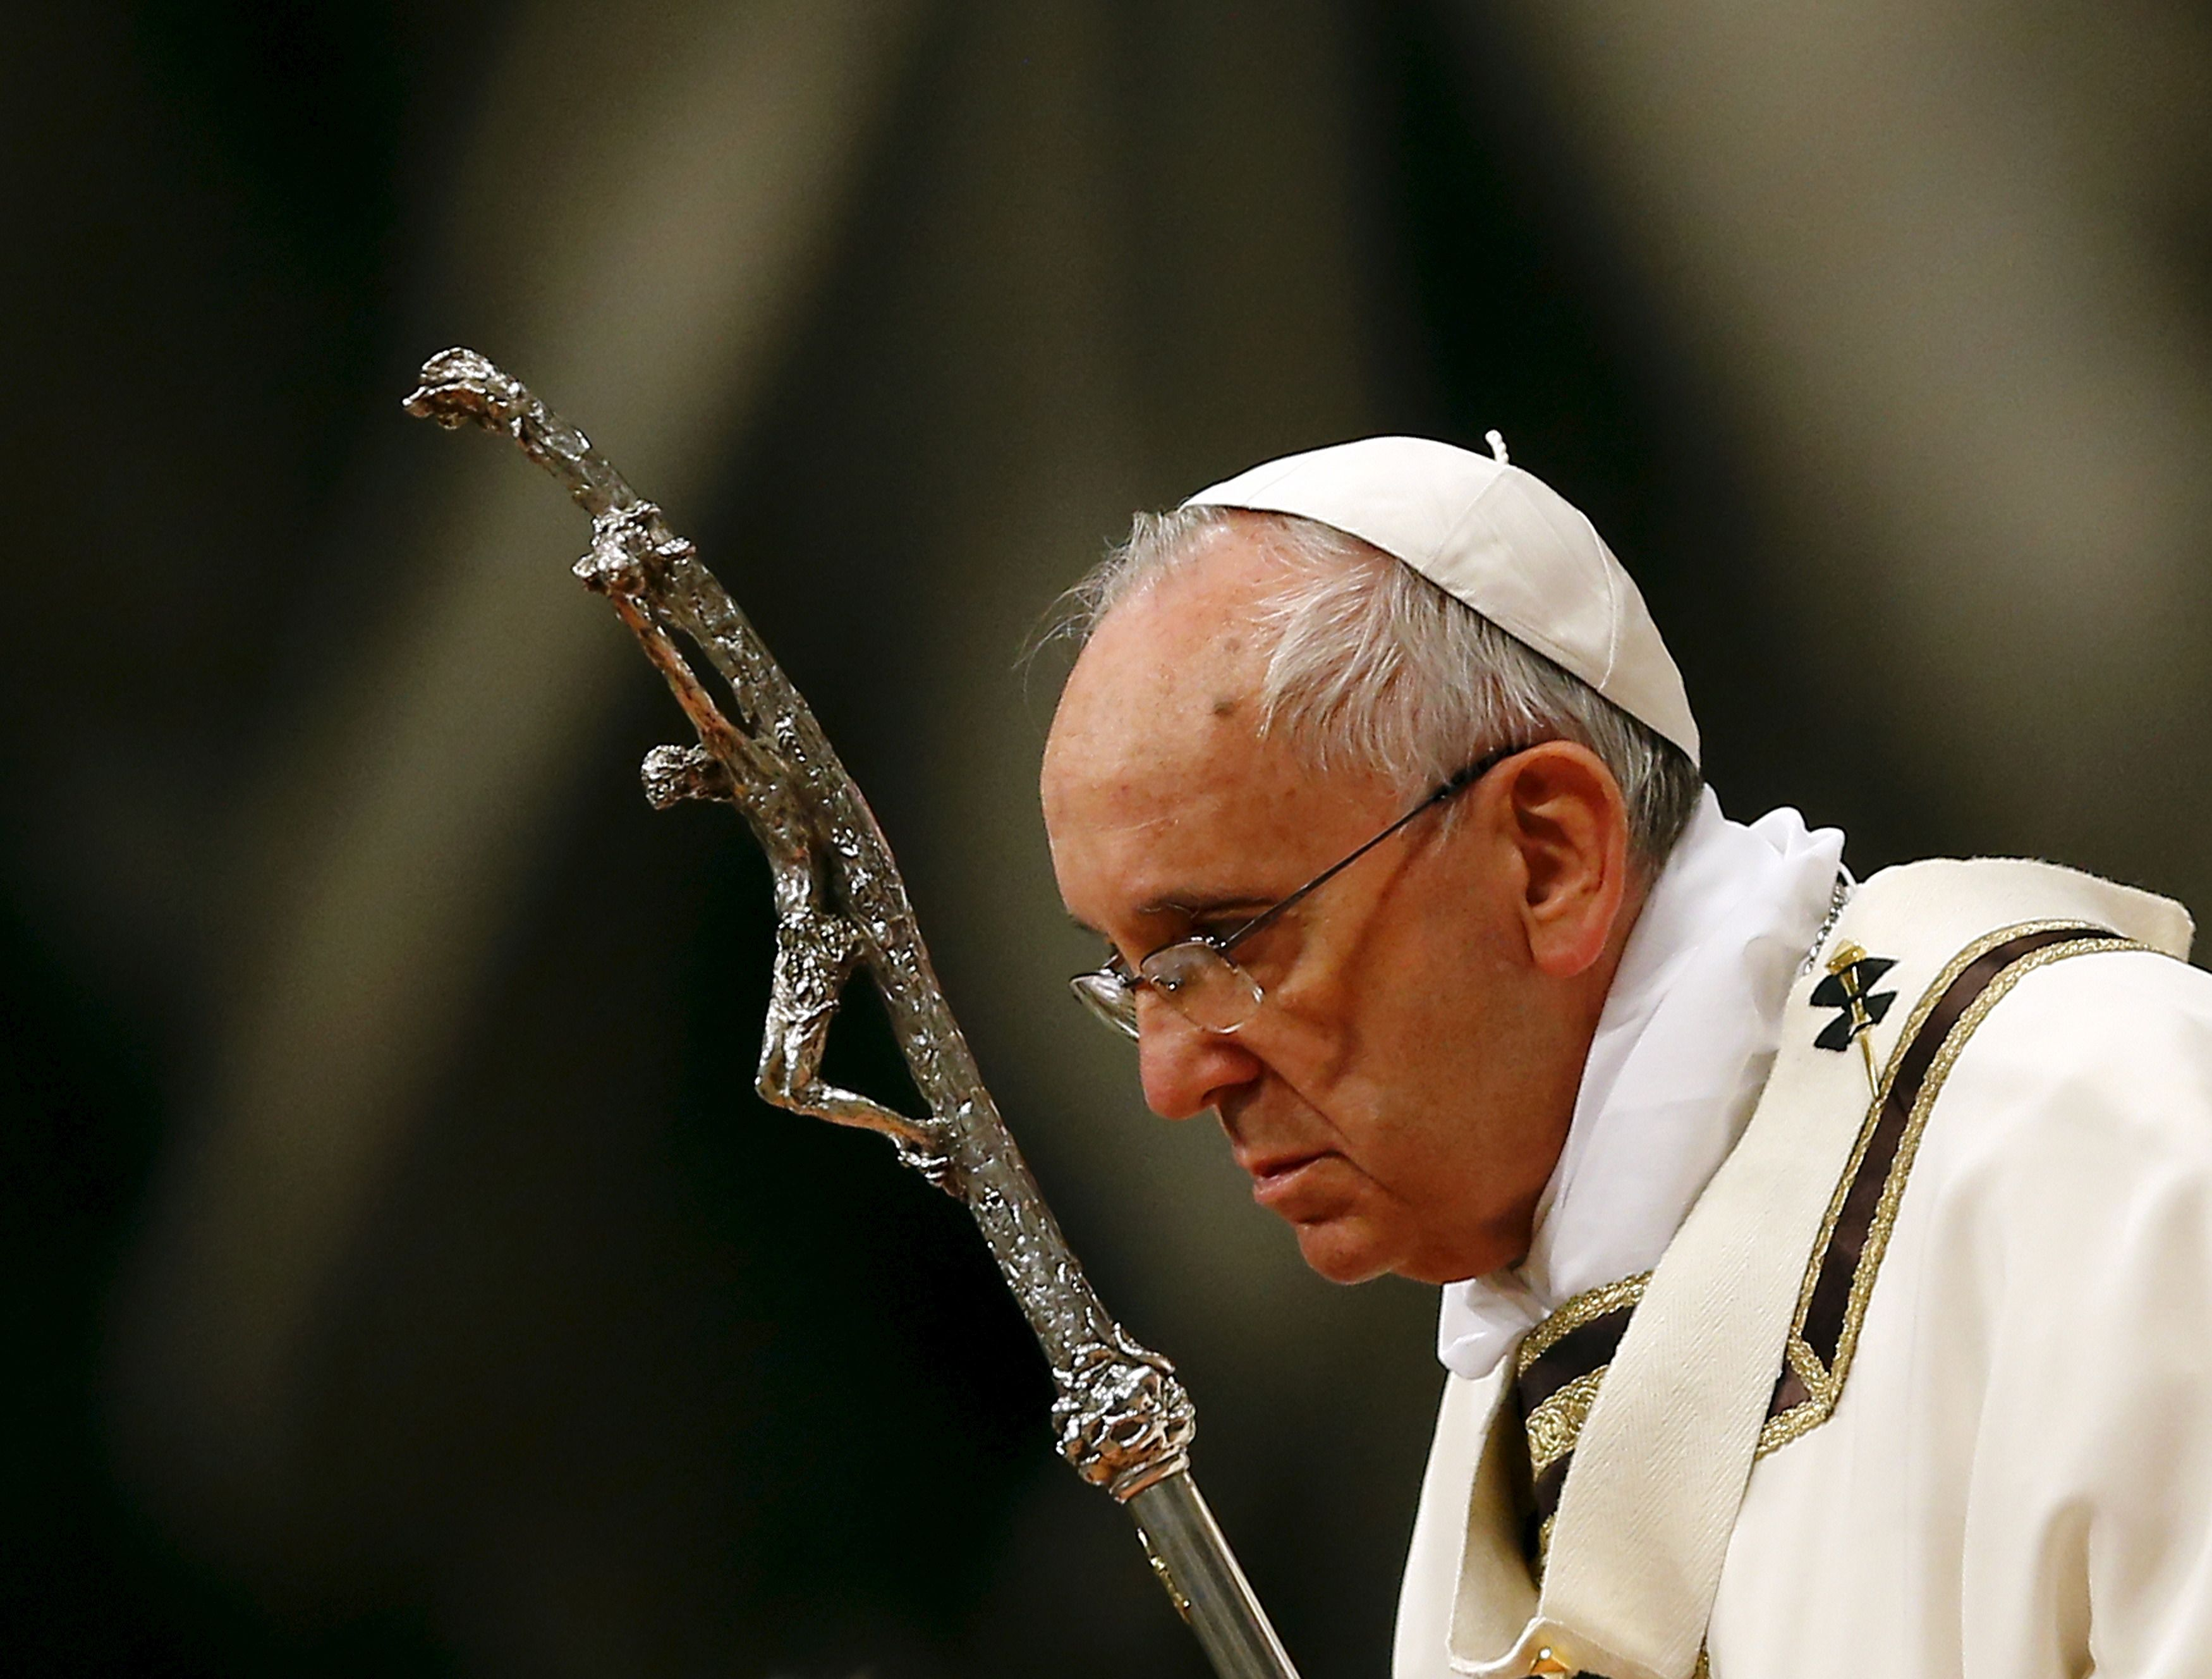 Le pape françois est à nouveau dans la tourmente.